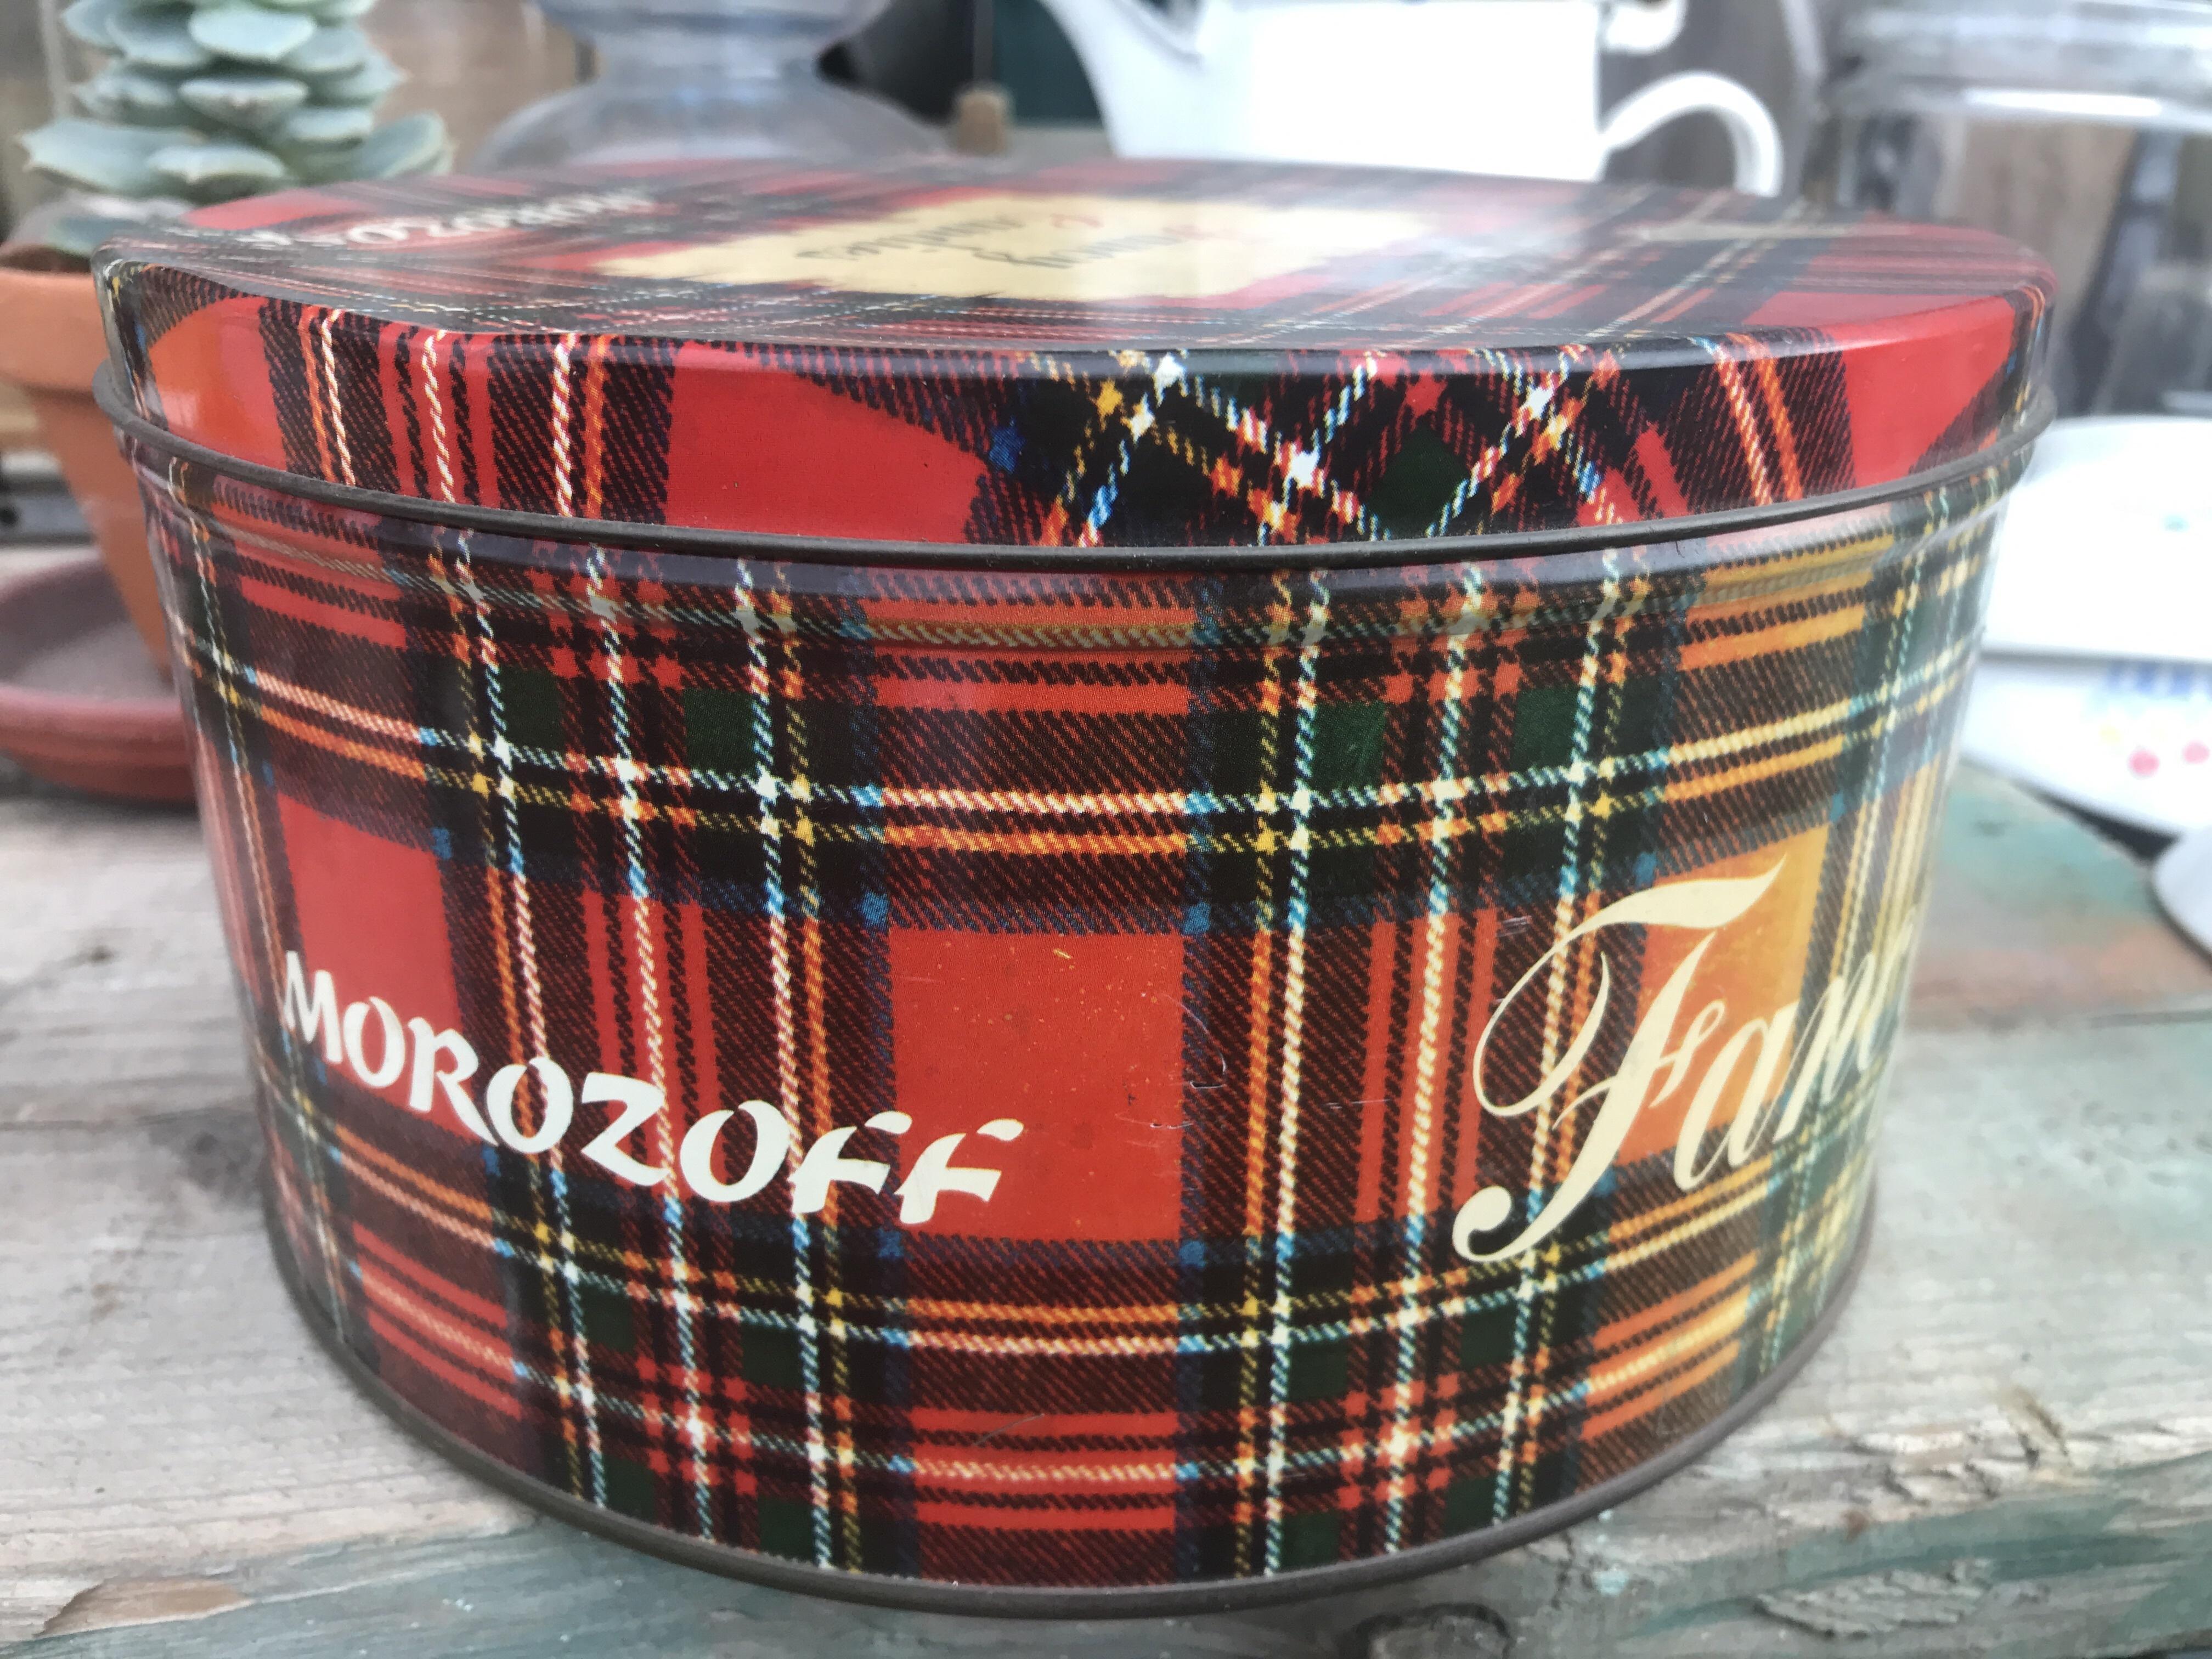 レトロ モロゾフの缶